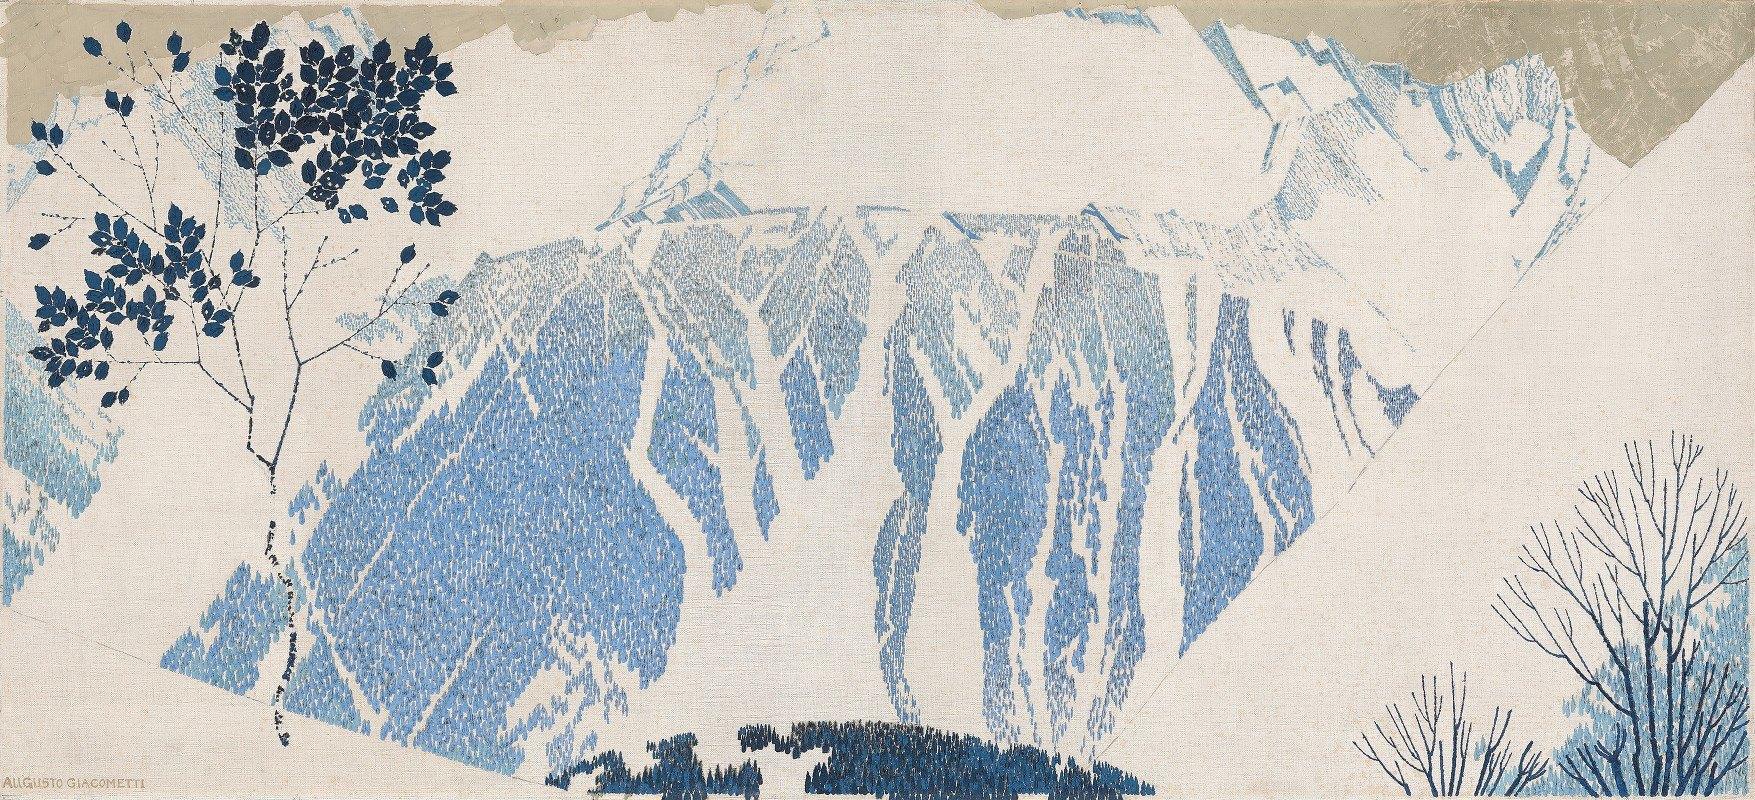 Augusto Giacometti - Mountains